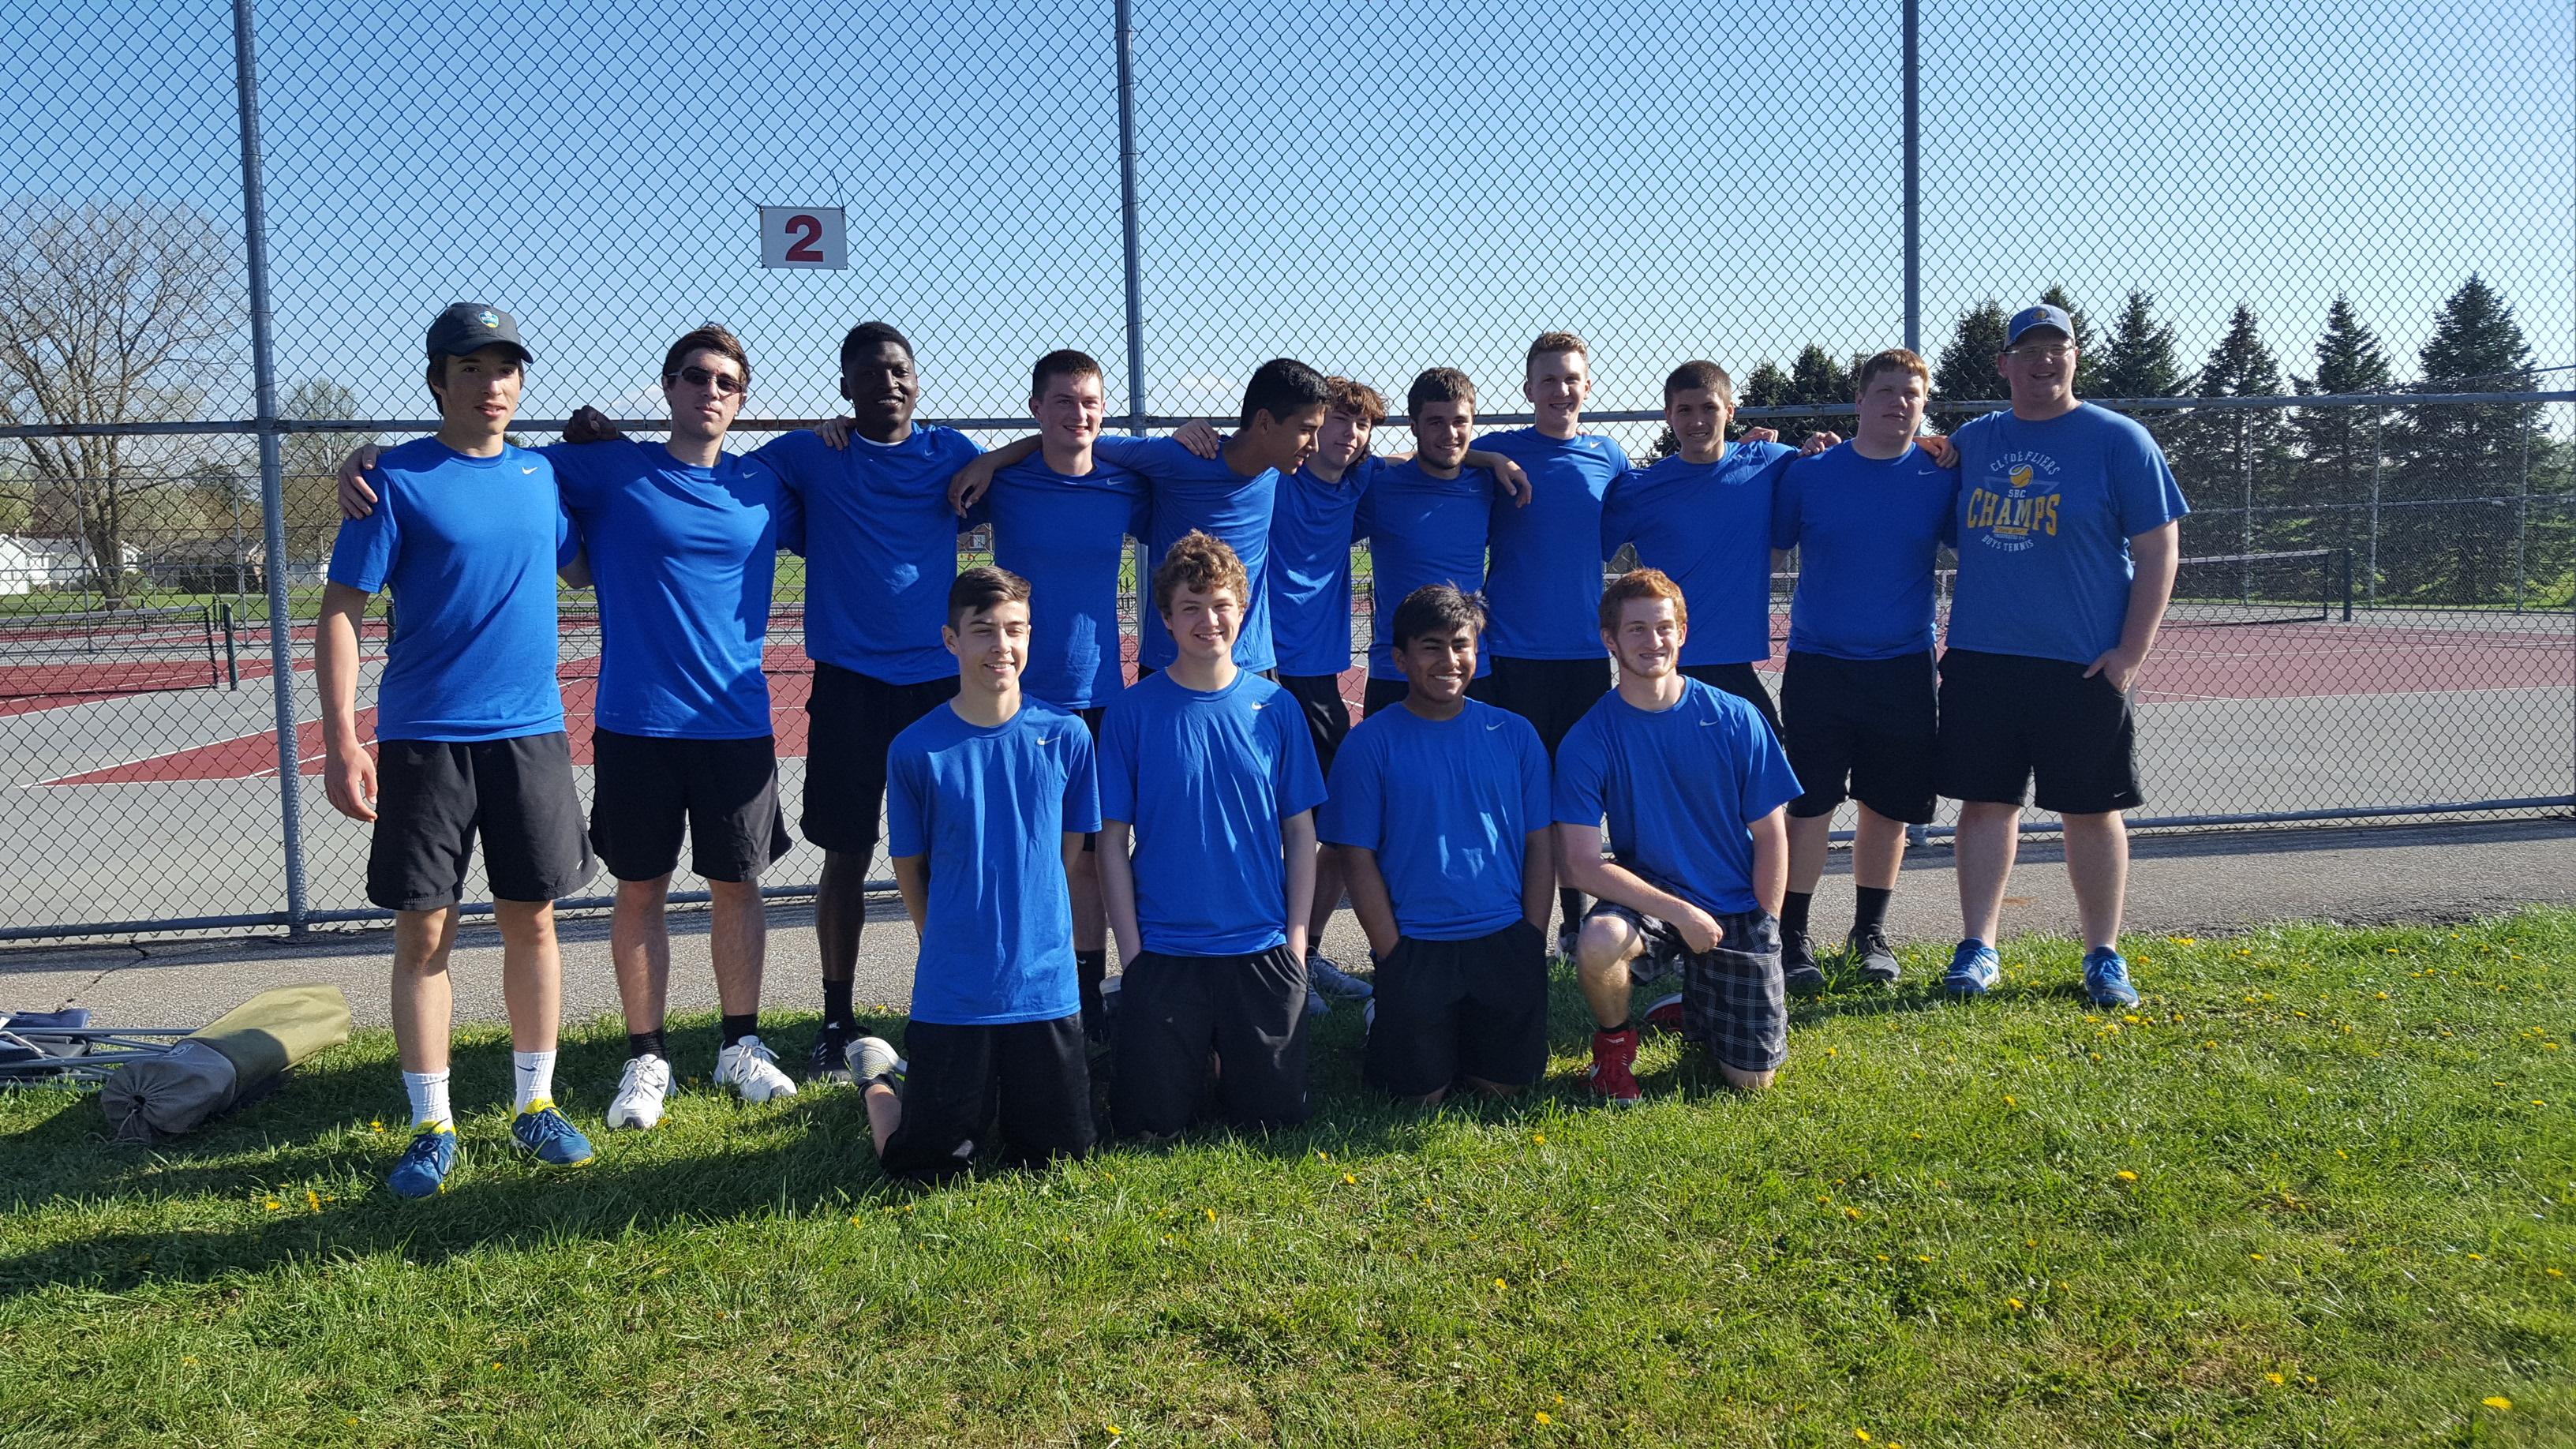 Congrats to the Men's Tennis team!